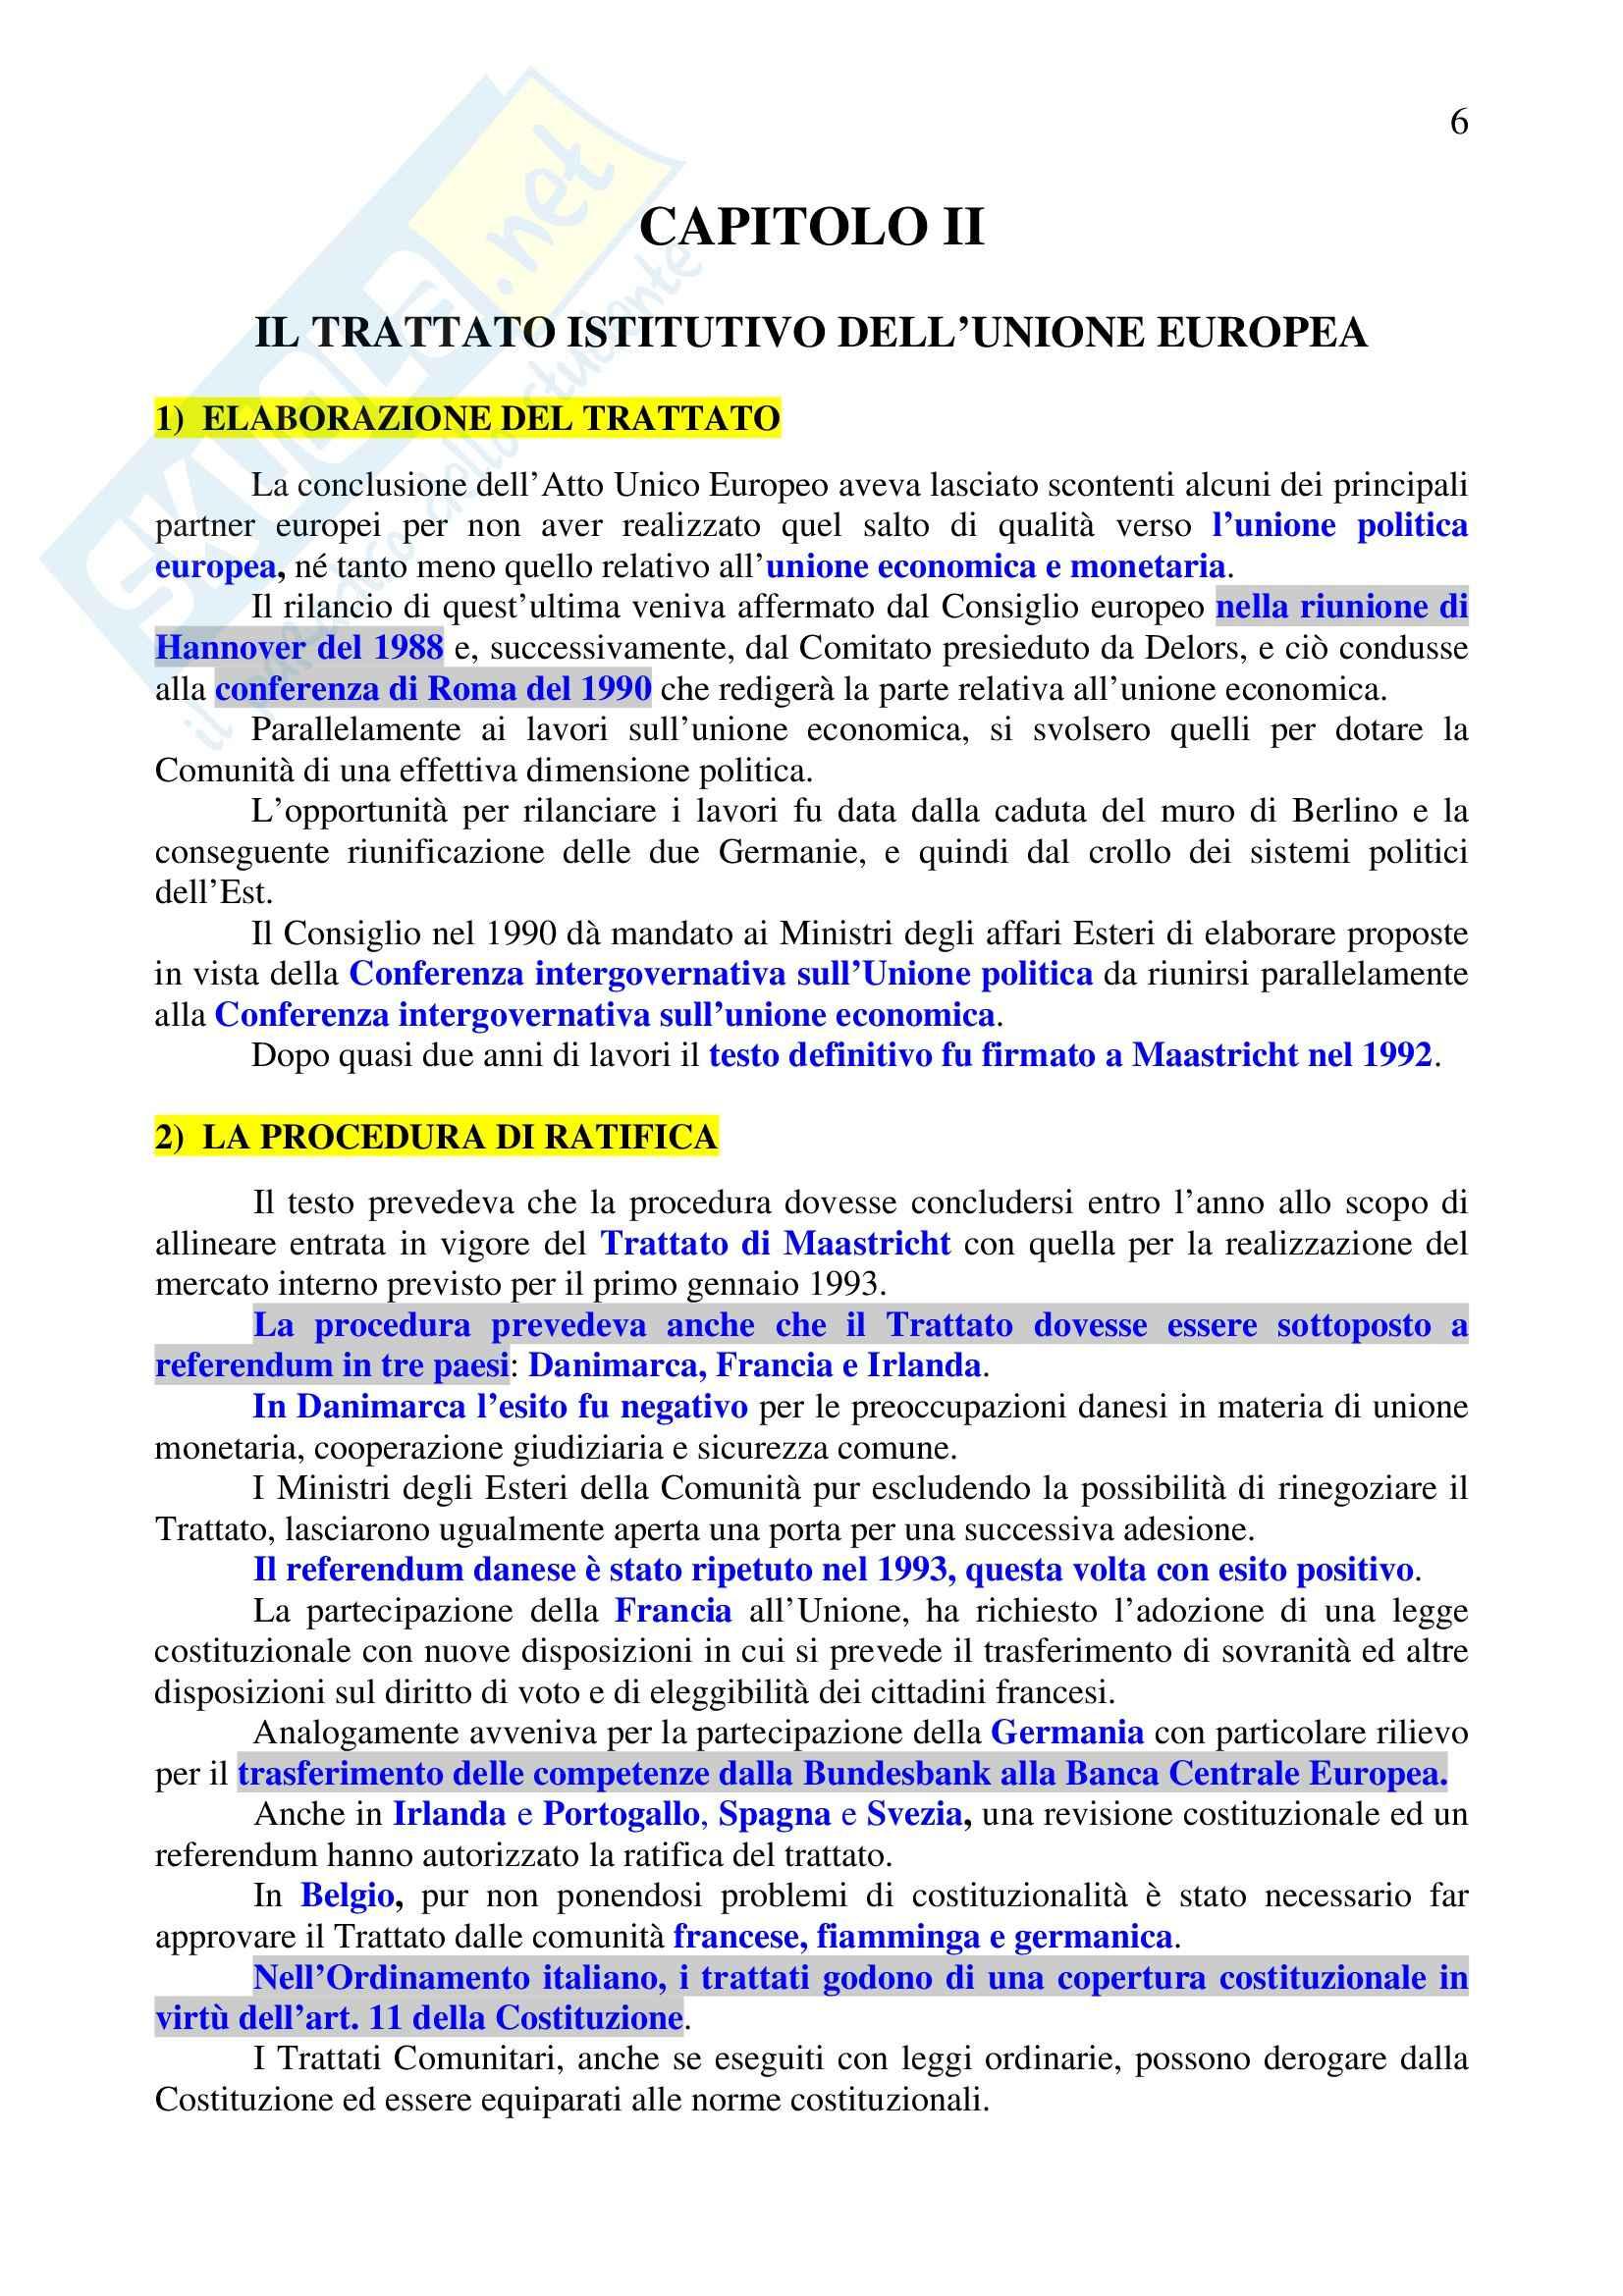 Riassunto esame Diritto dell'Unione Europea, prof. Sinagra, libro consigliato Istituzioni di Diritto dell'Unione Europea, Zanghì Pag. 6